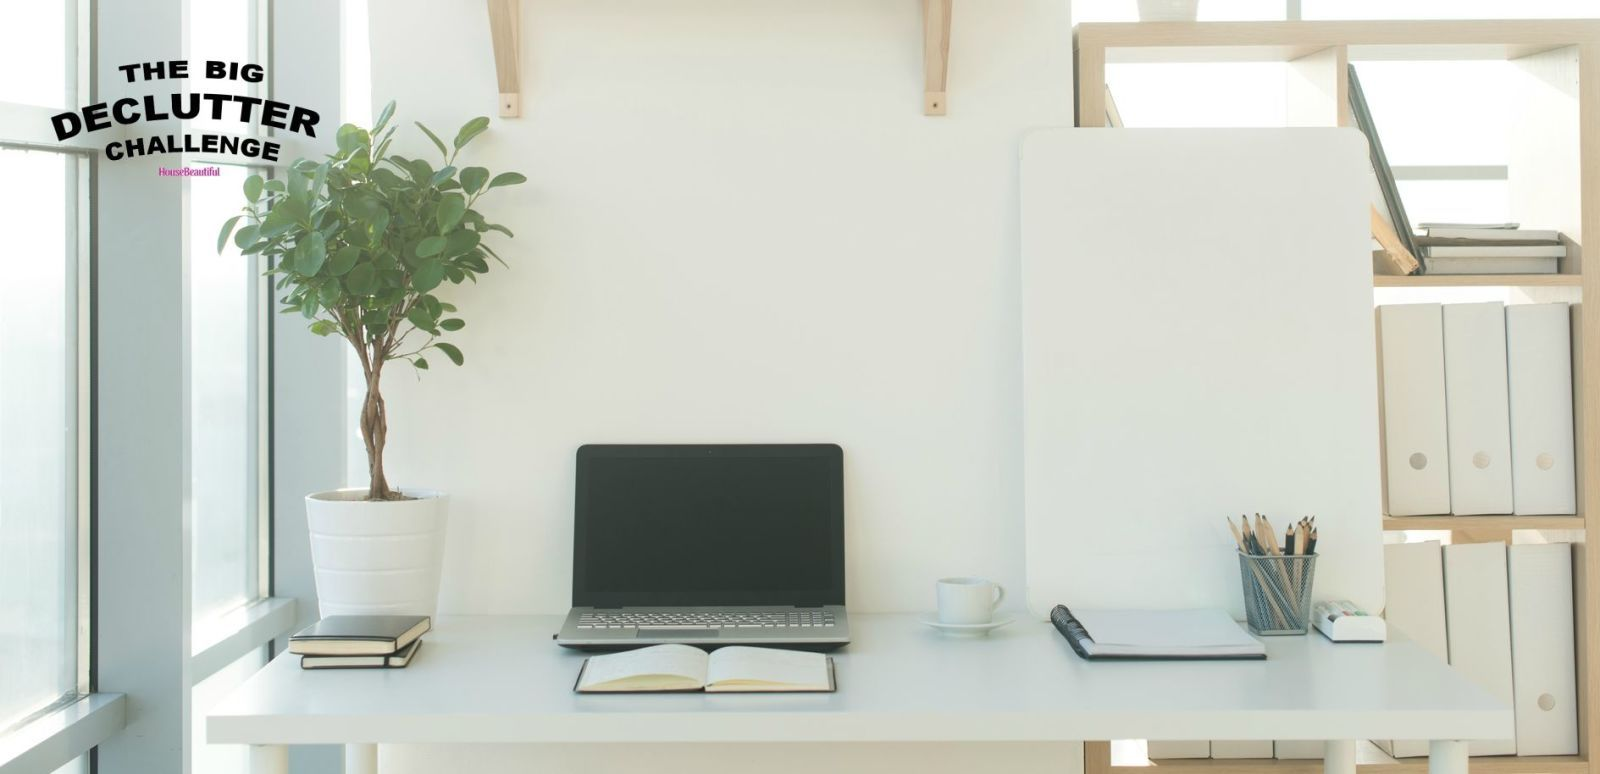 Superior Home Office   Minimalist   Big Declutter Challenge Good Ideas